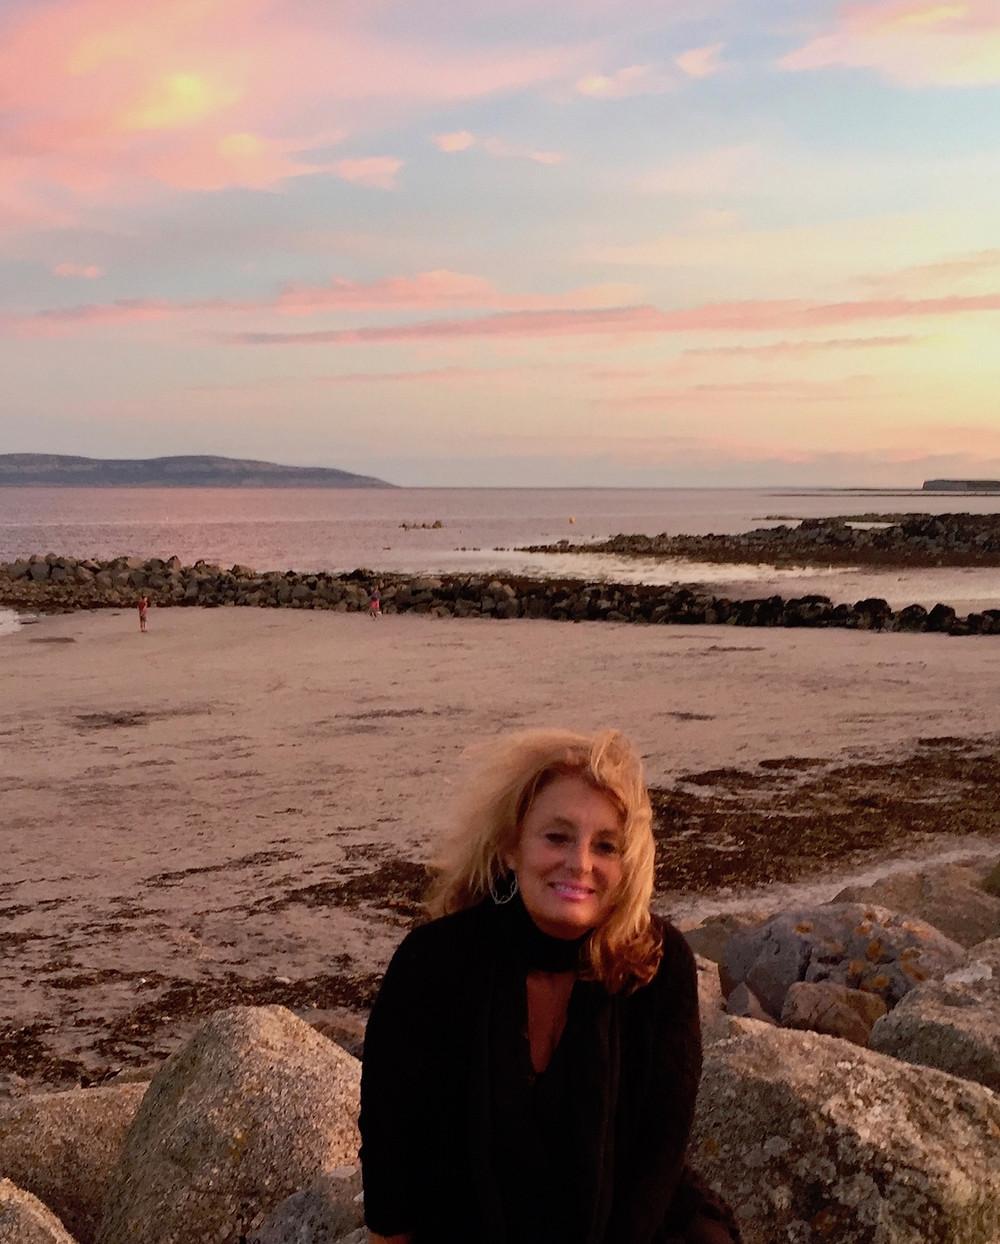 Sunset in Salthill, Ireland